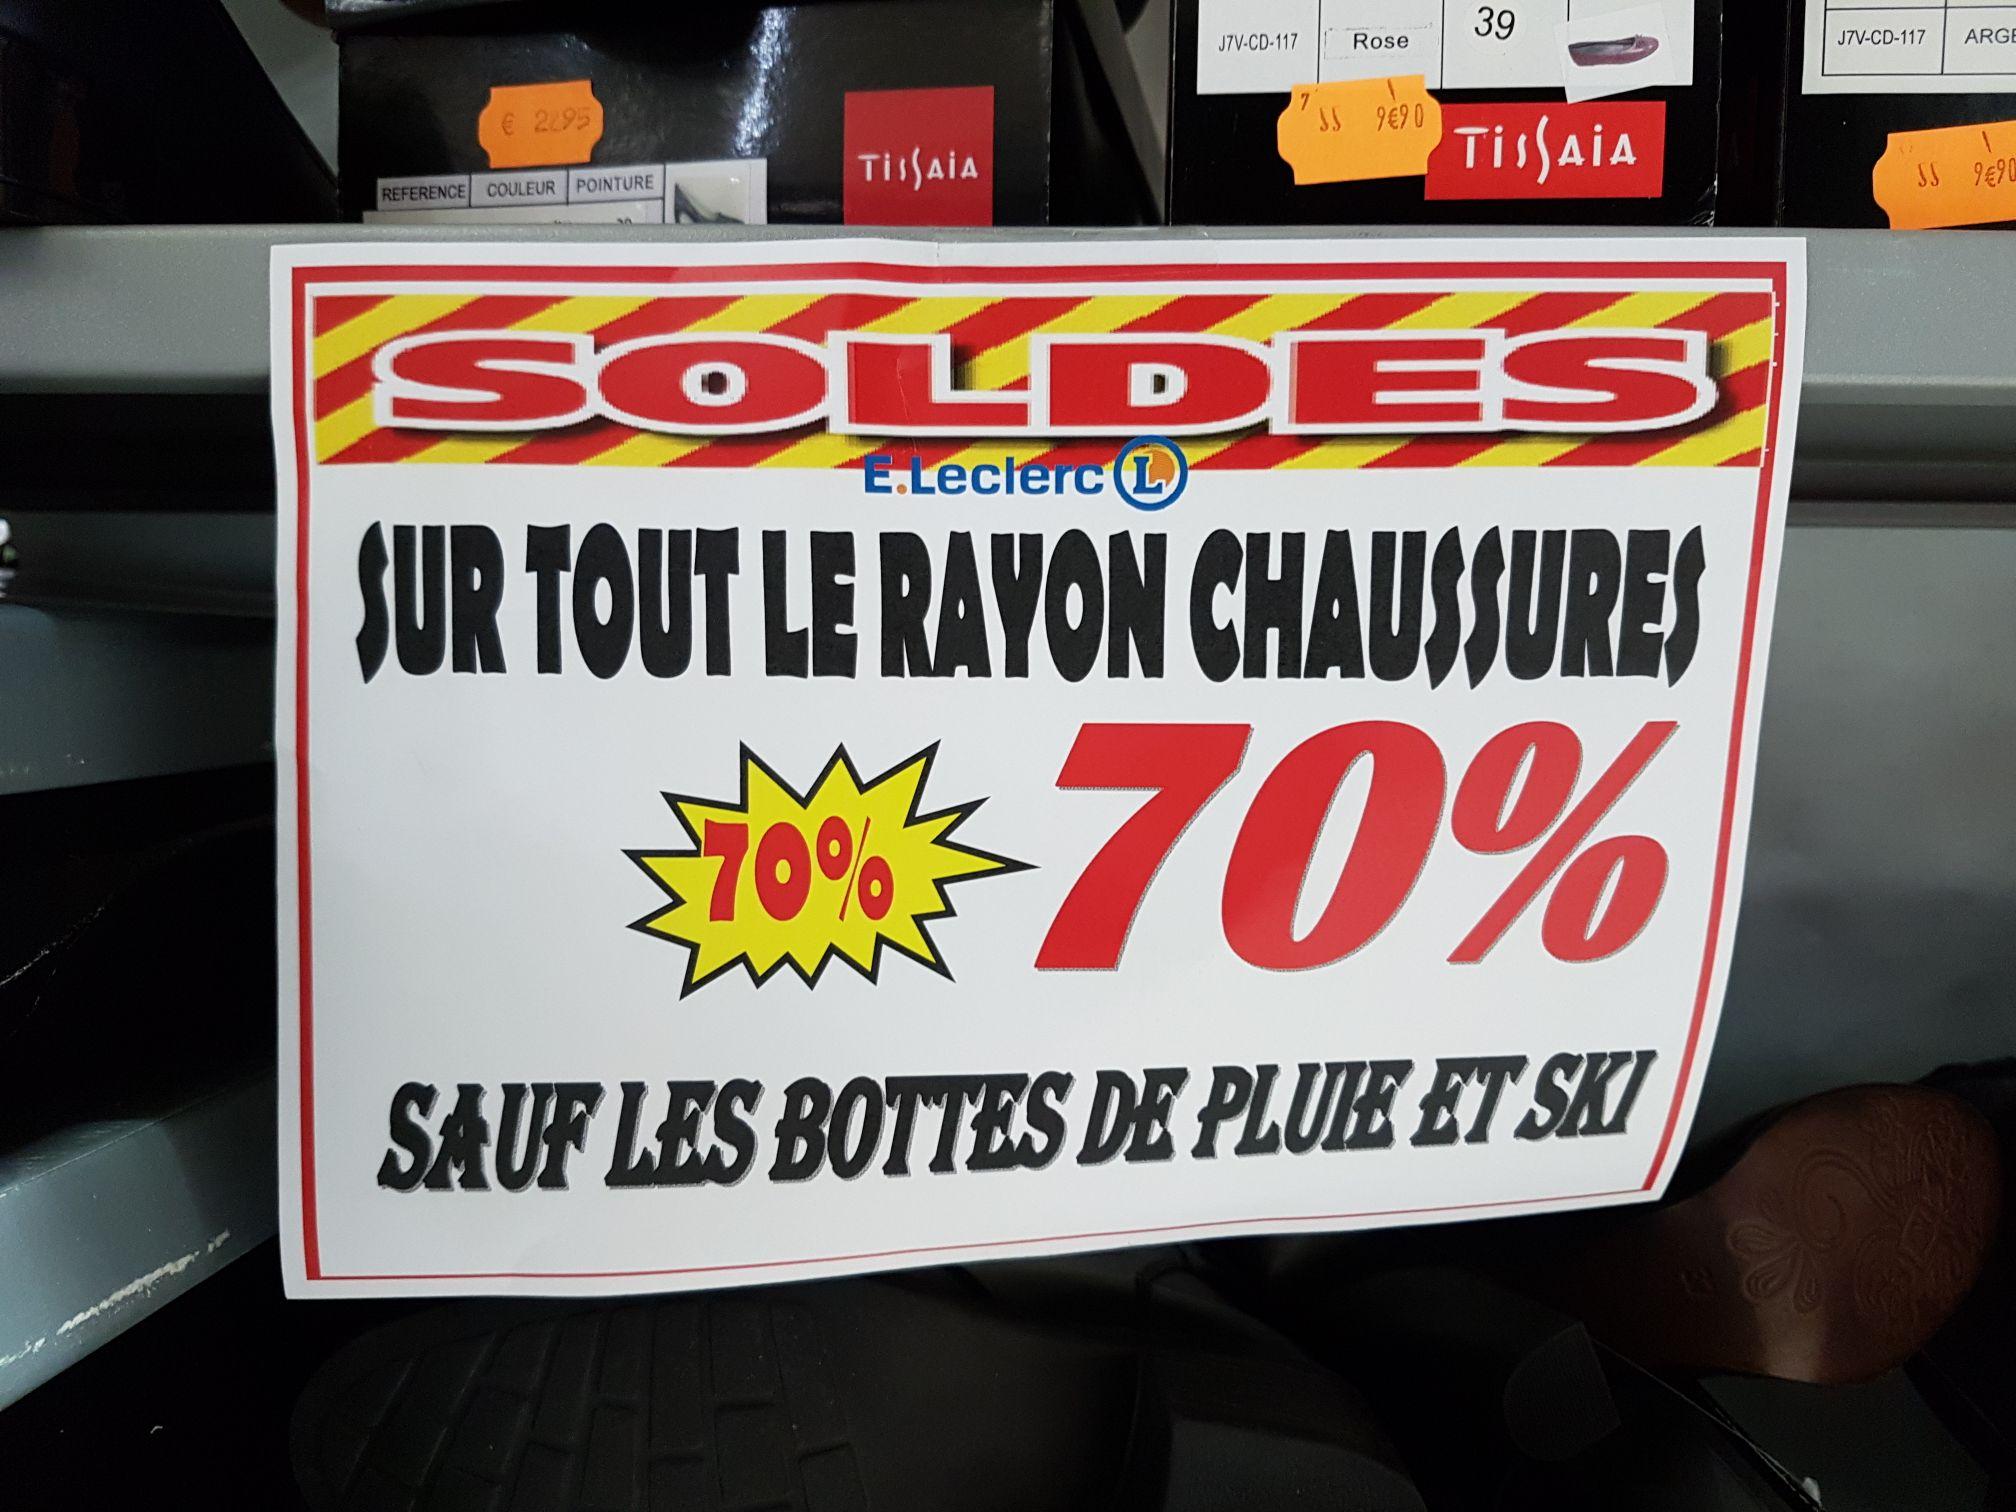 -70% sur le rayon chaussures (sauf les bottes de pluie et ski) - Grézieu-la-Varenne (69)